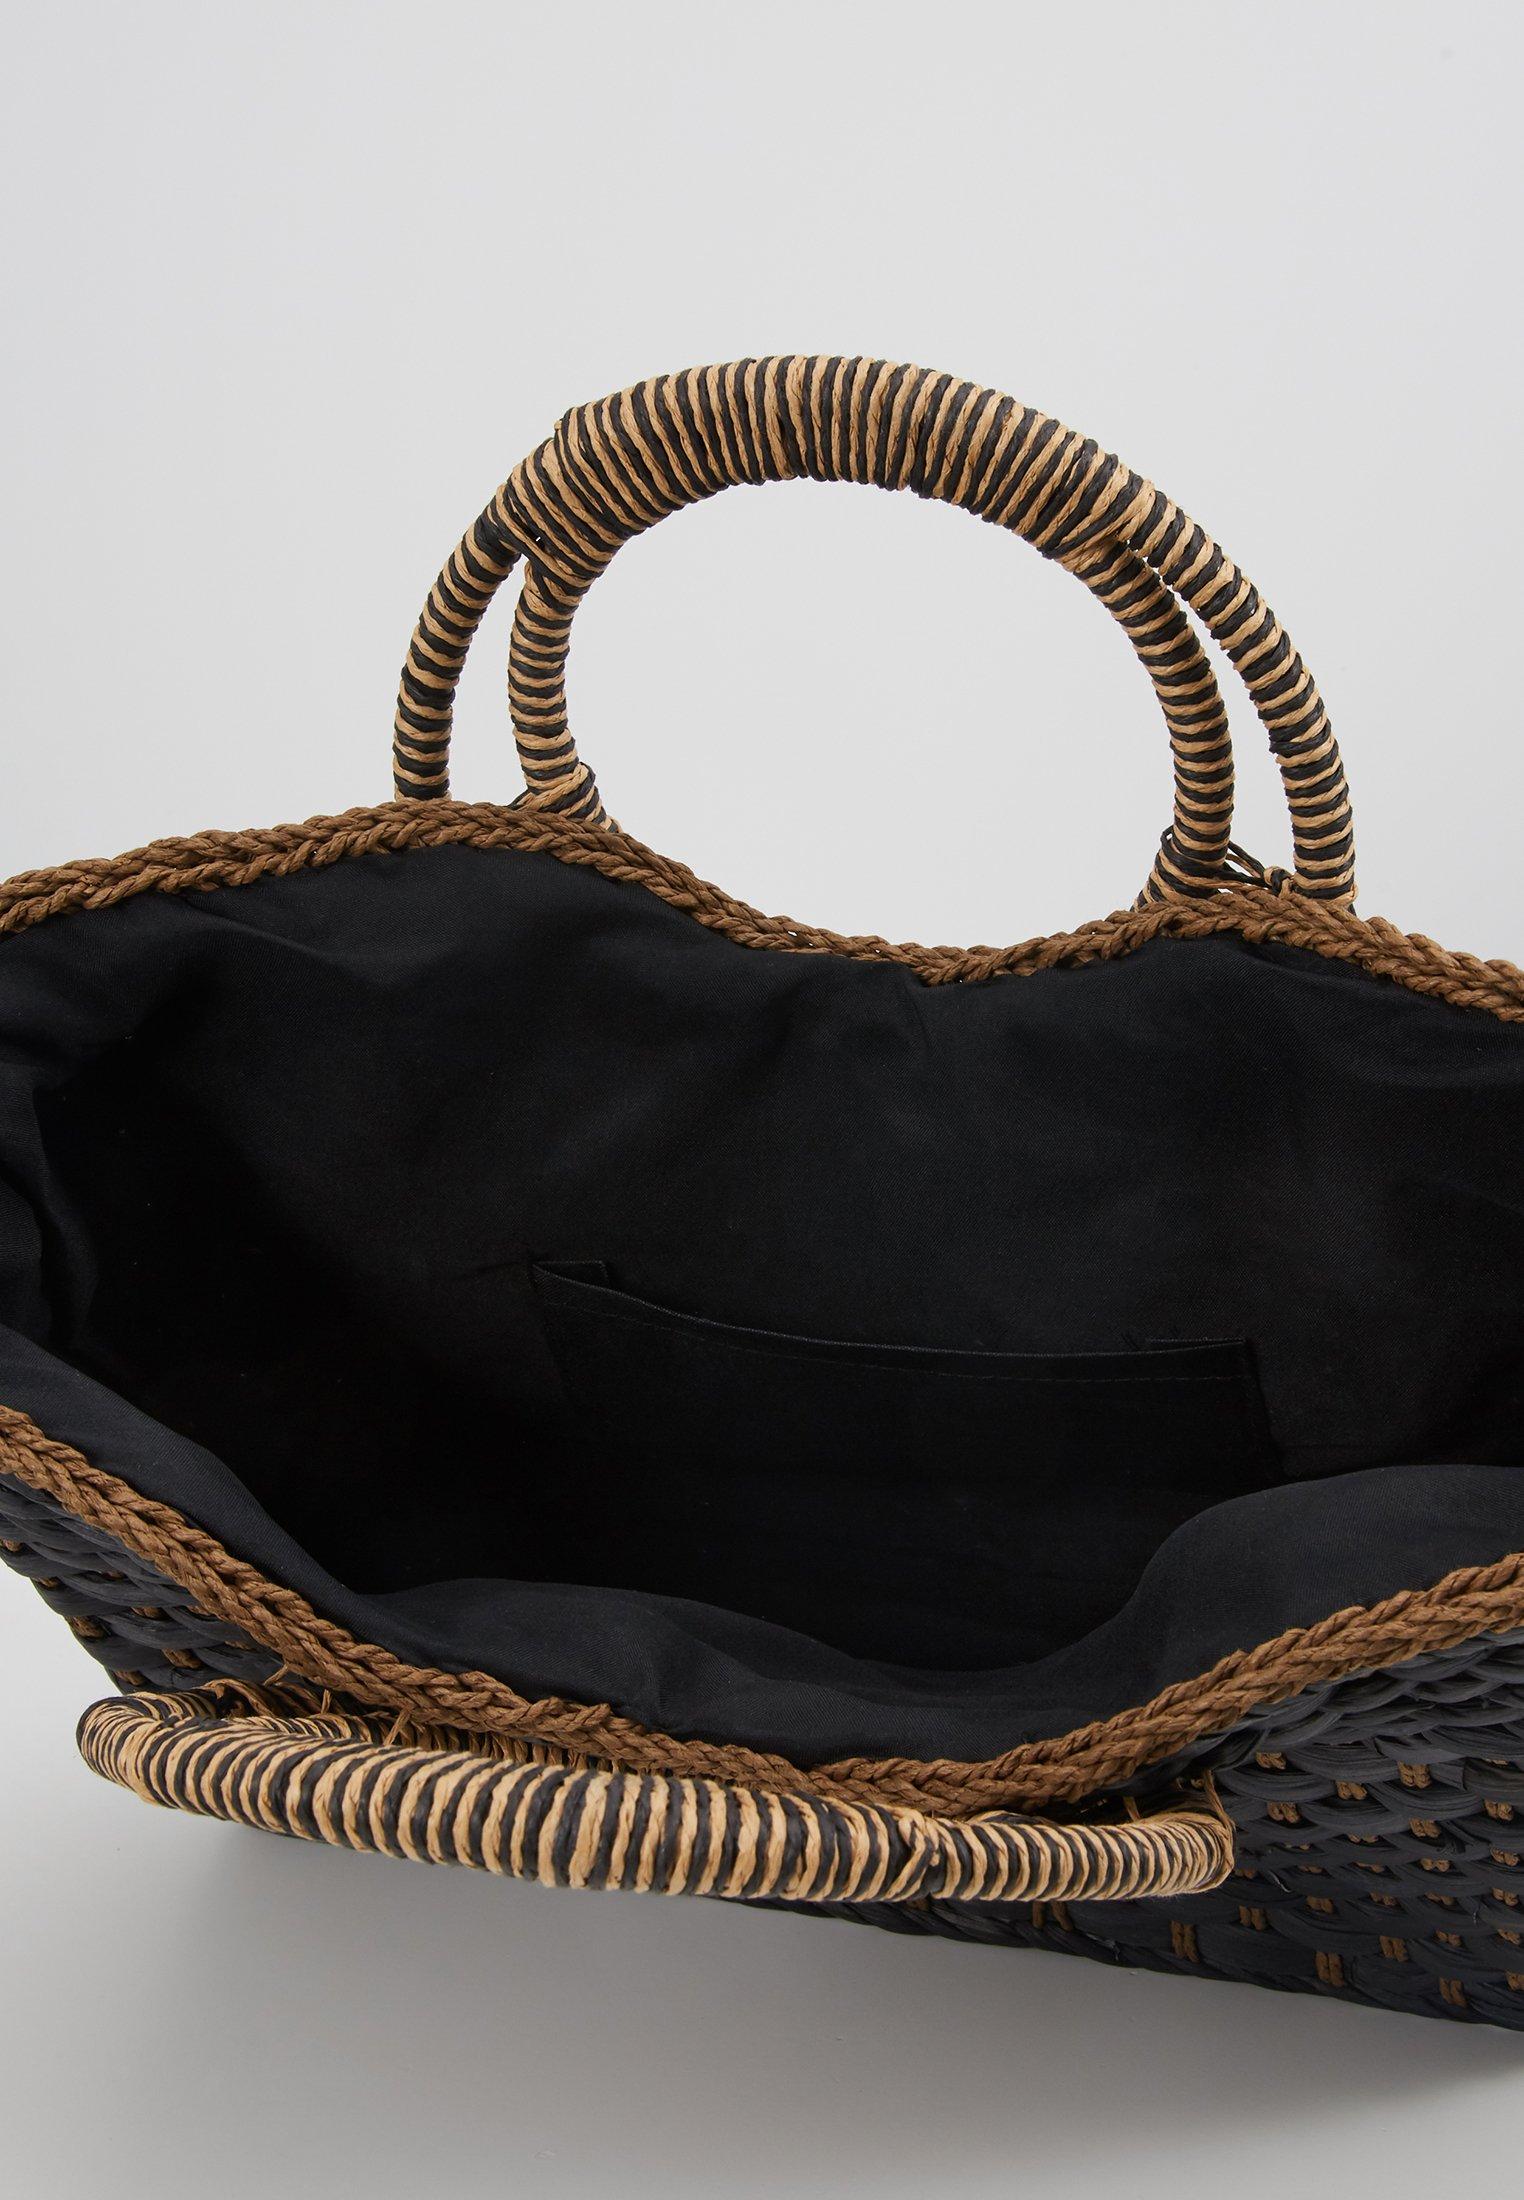 Becksöndergaard Ani Basket Bag - Sac À Main Black TAVMEr1